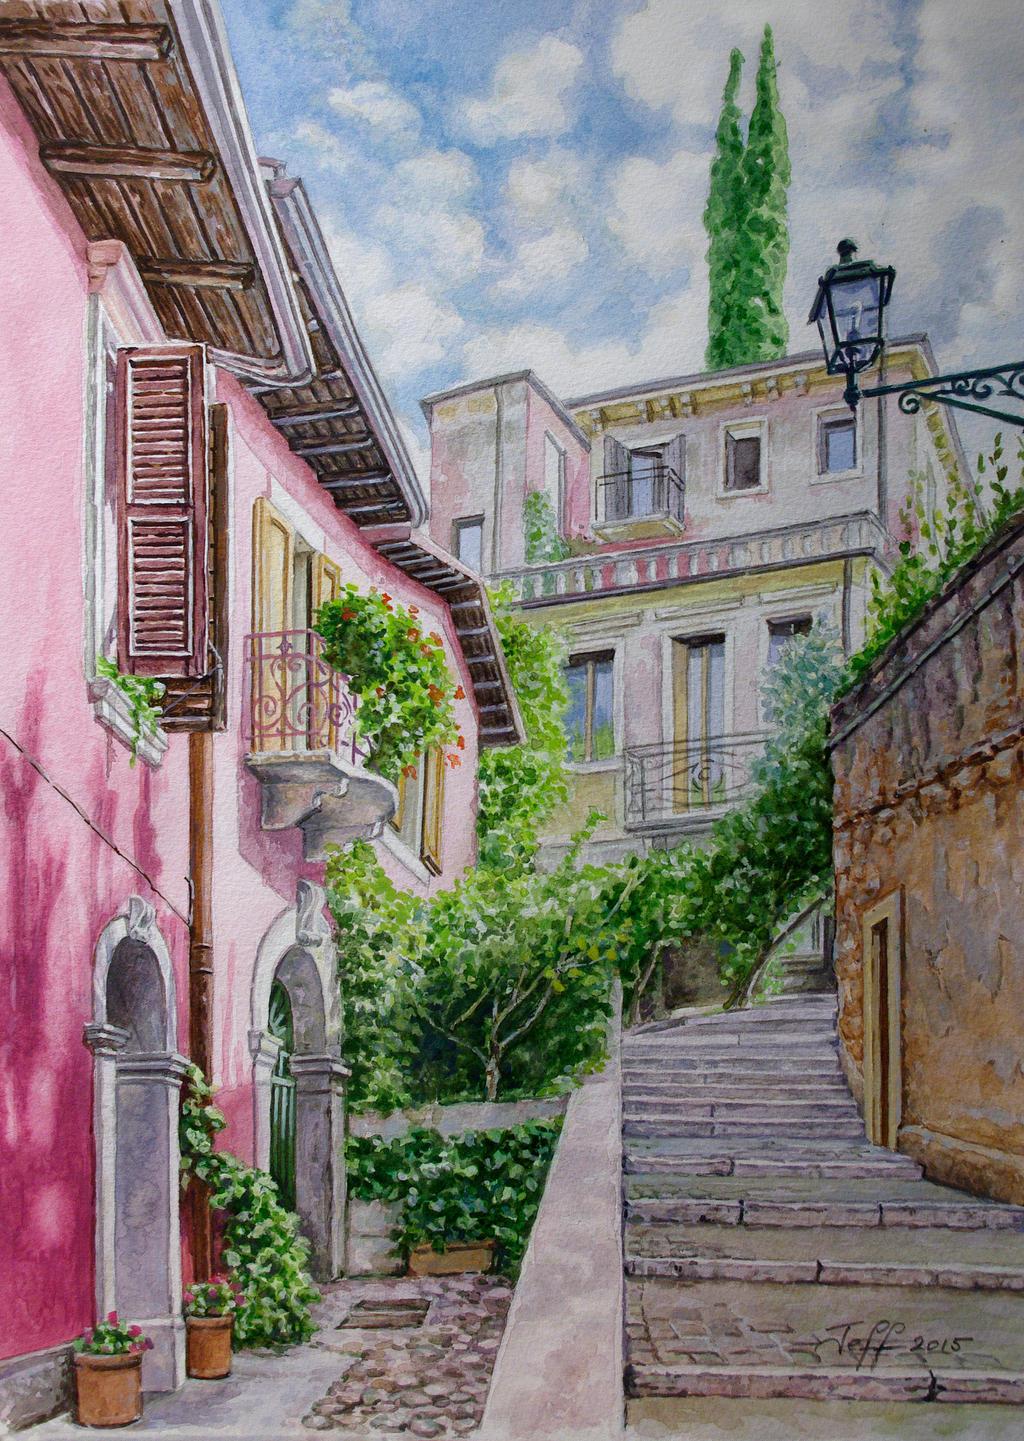 Stairway to Castel San Pietro, Verona 2016